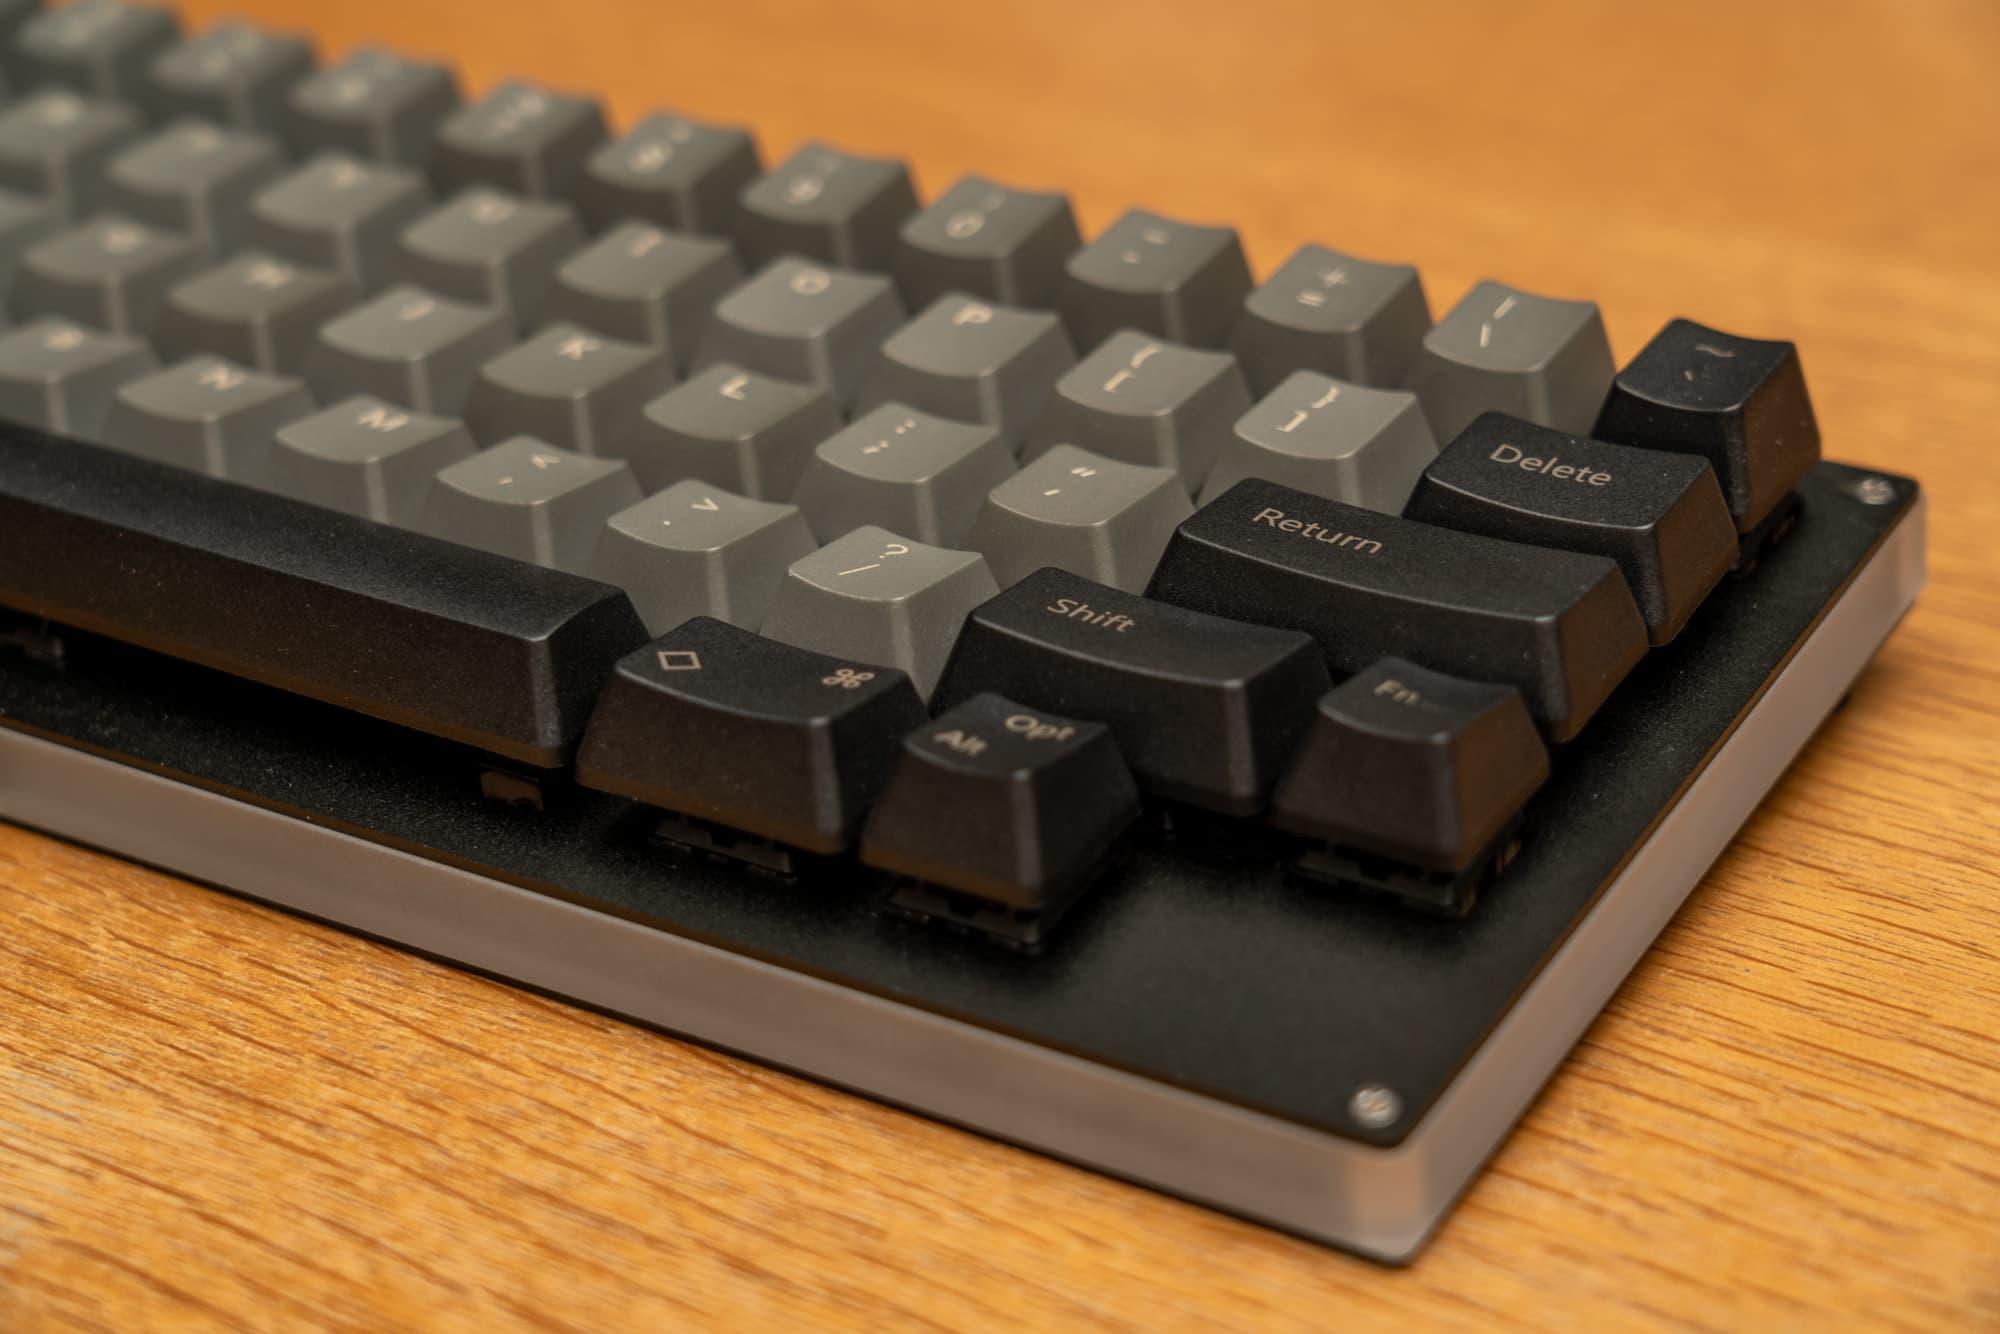 謎のHHKBコピーなメカニカルキーボードを購入した